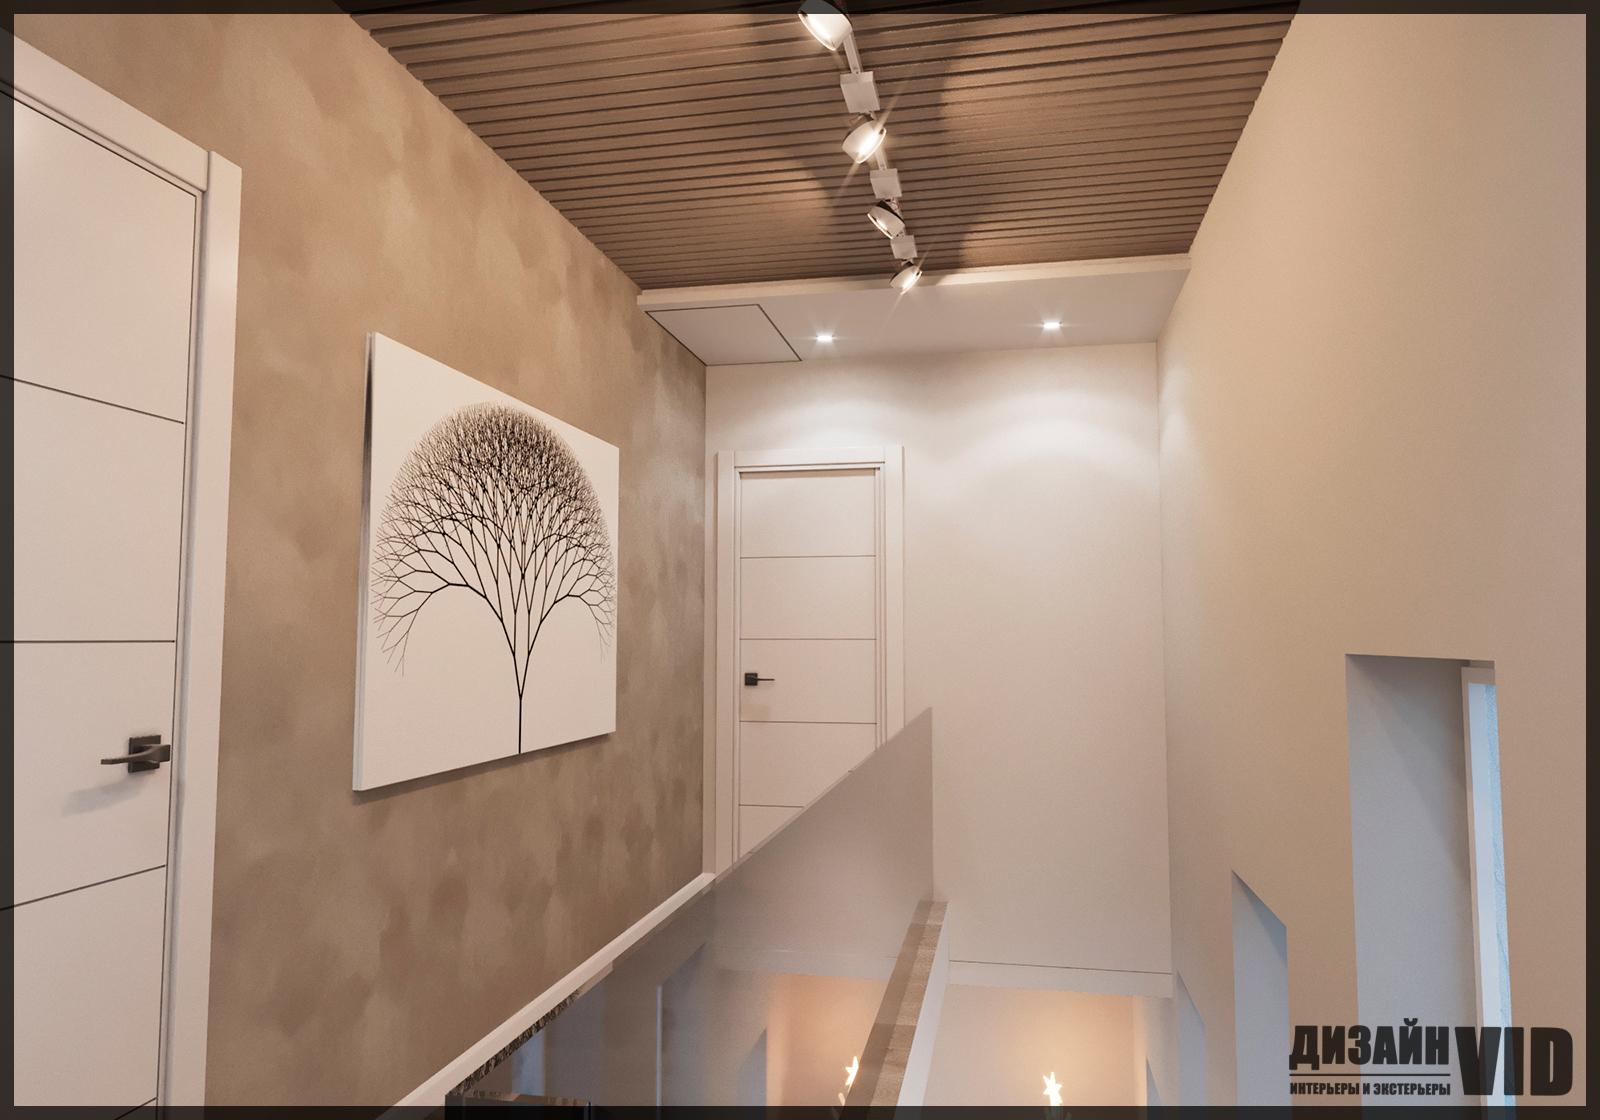 дизайн современного потолка над лестницей в доме